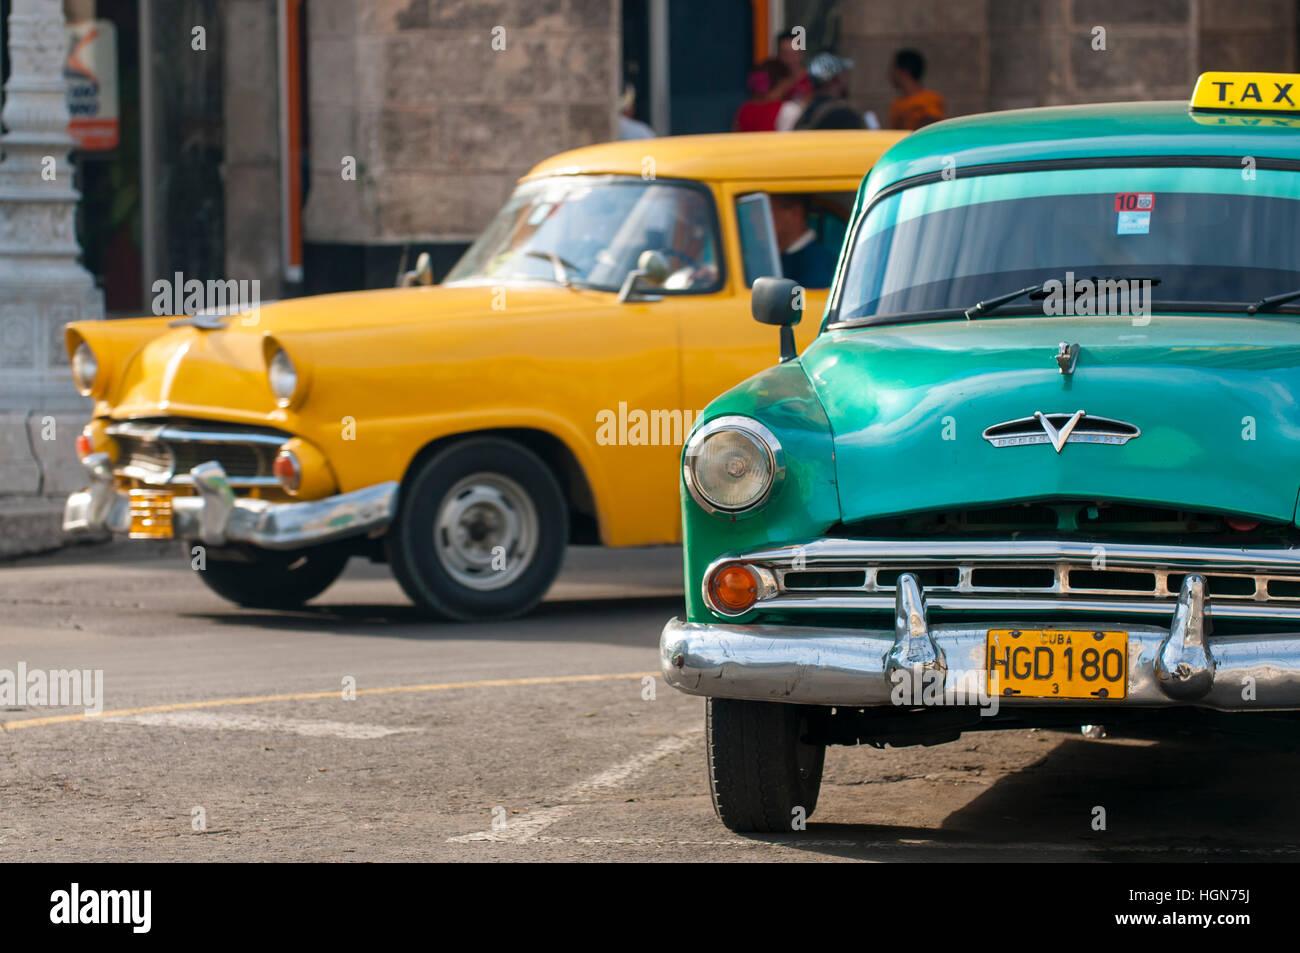 La Habana.- El 13 de junio, 2011: taxi coches clásicos americanos, símbolos de la ciudad histórica, Imagen De Stock